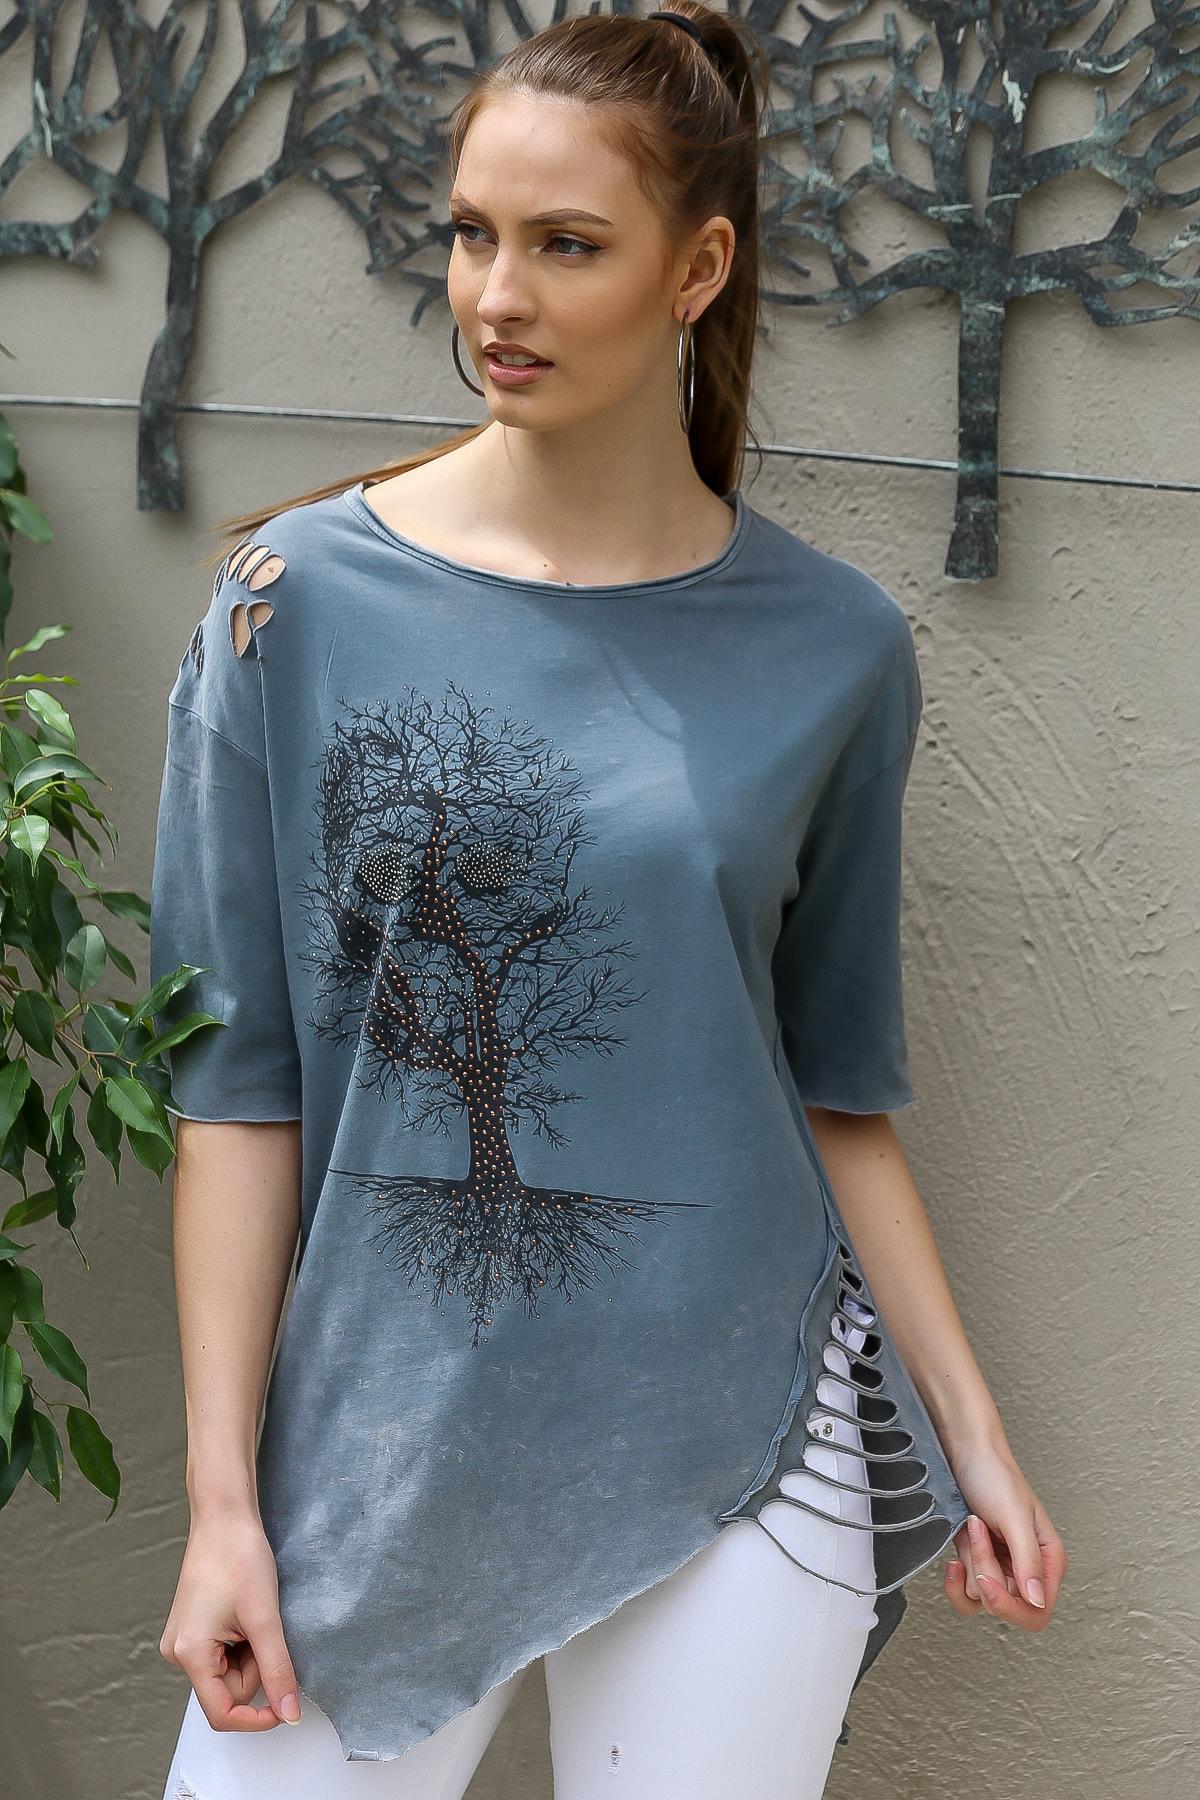 Kadın Gri Sıfır Yaka Dev Ağaç Baskılı Yanı Lazer Kesim Asimetrik Yıkamalı T-Shirt M10010300TS98234